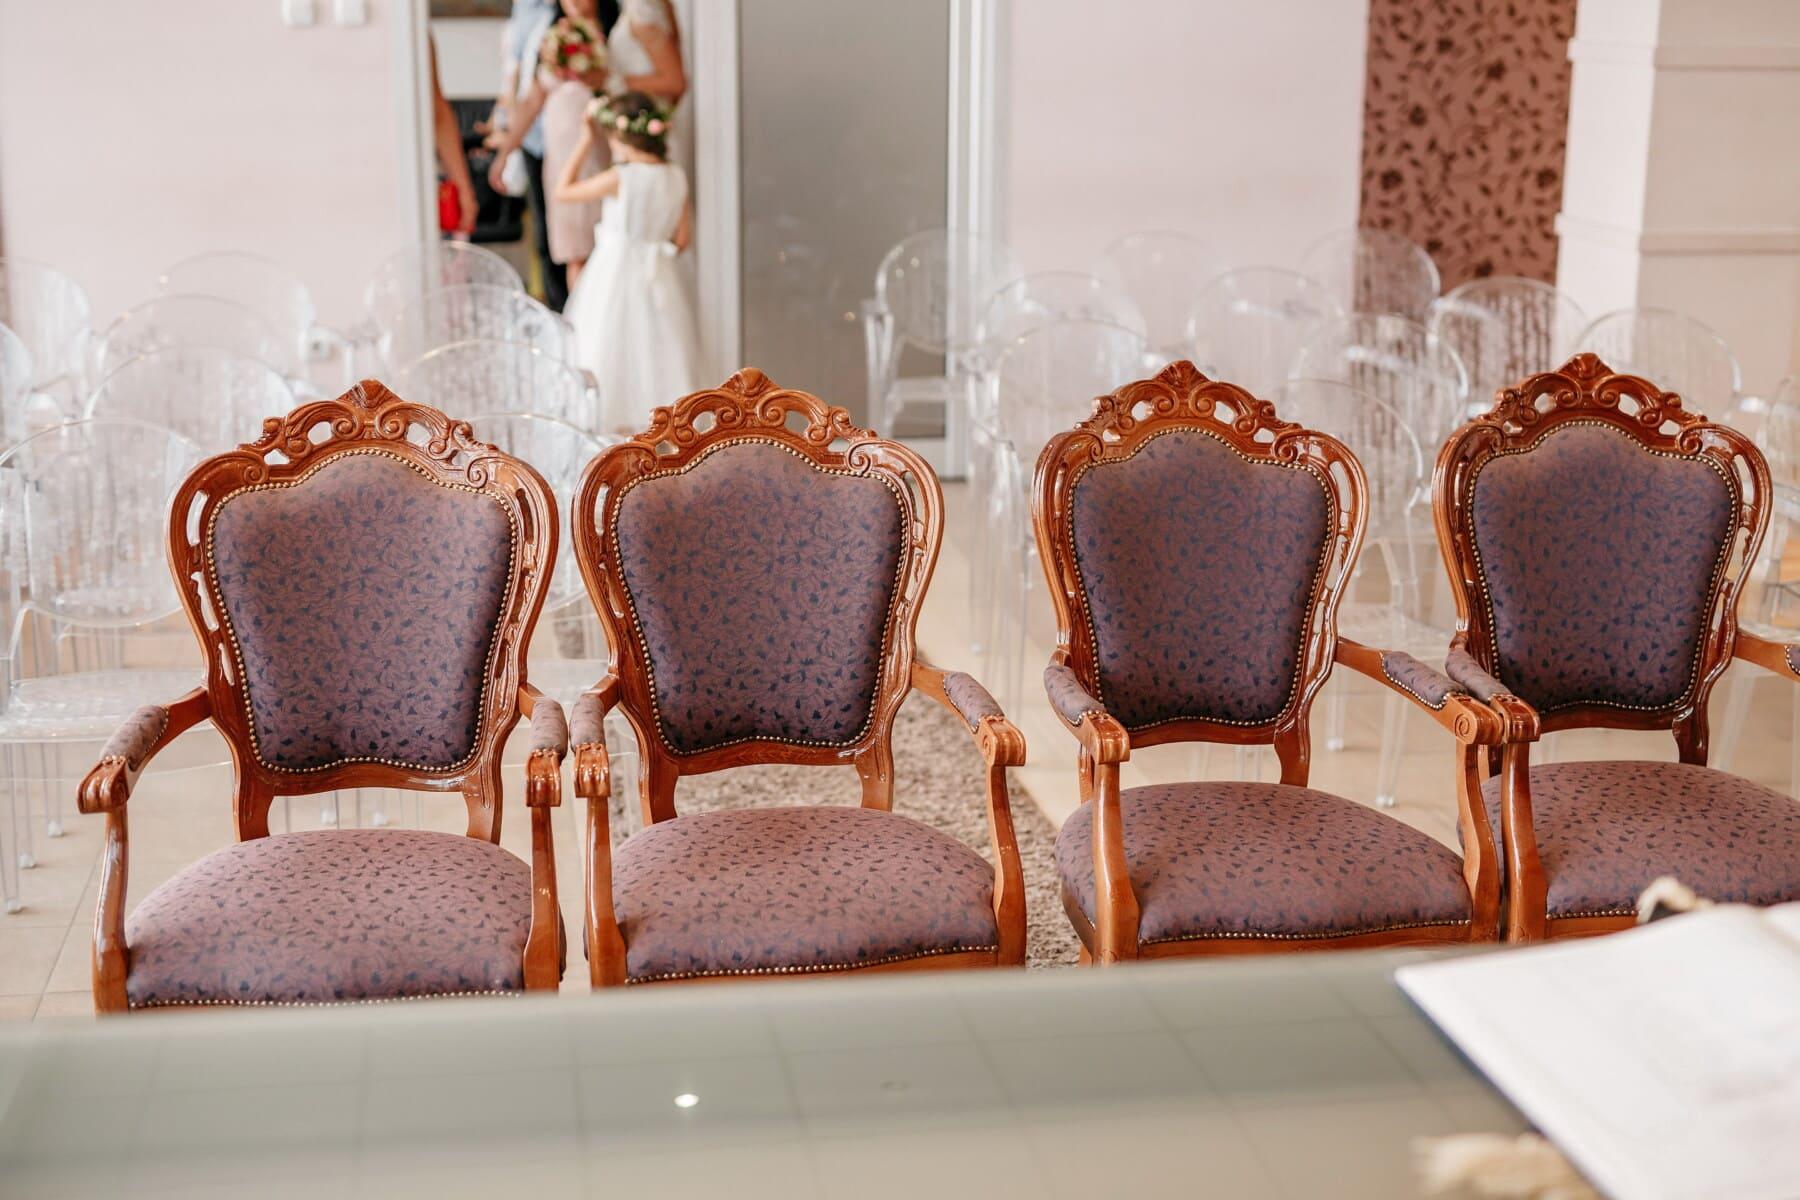 luxe, chaises, Salon, baroque, confortable, à l'intérieur, Design d'intérieur, chaise, siège, meubles